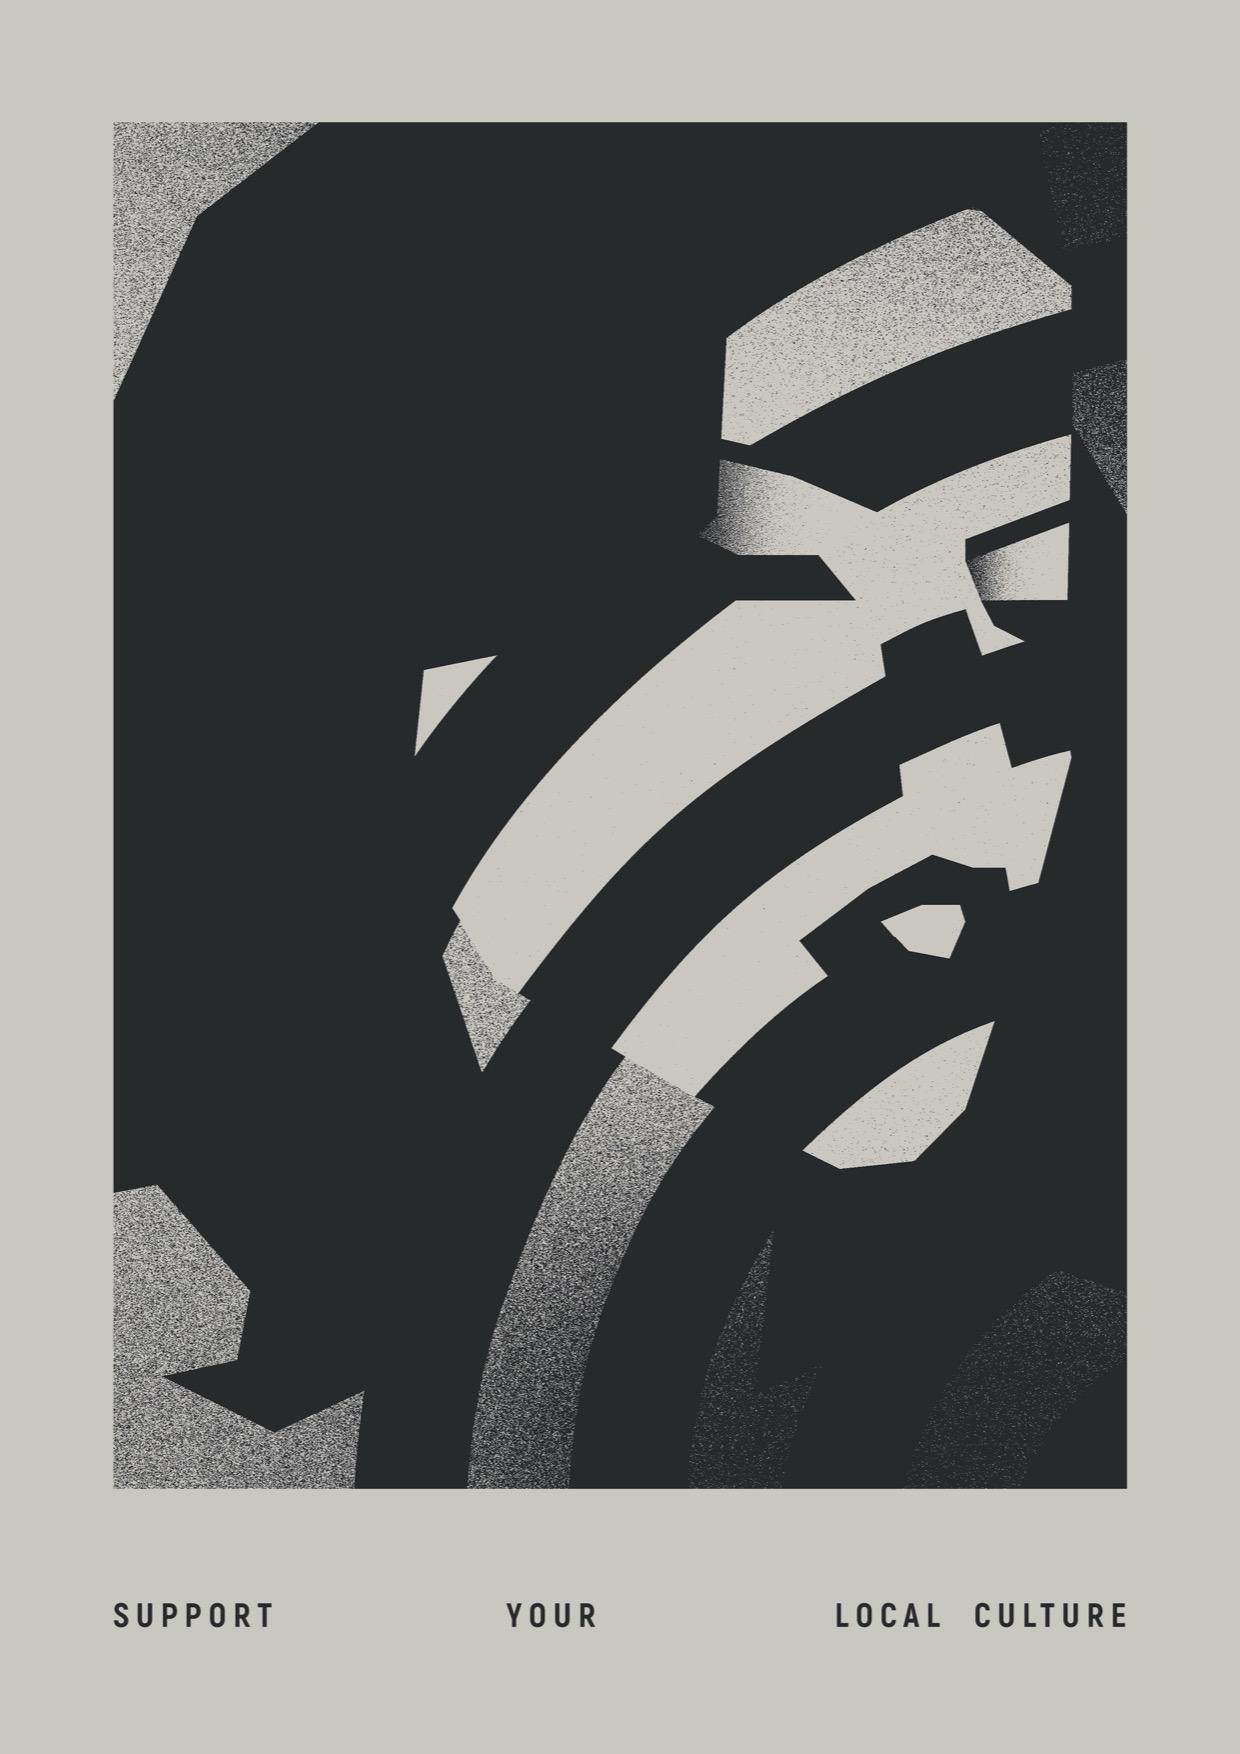 resized-image-Promo-5